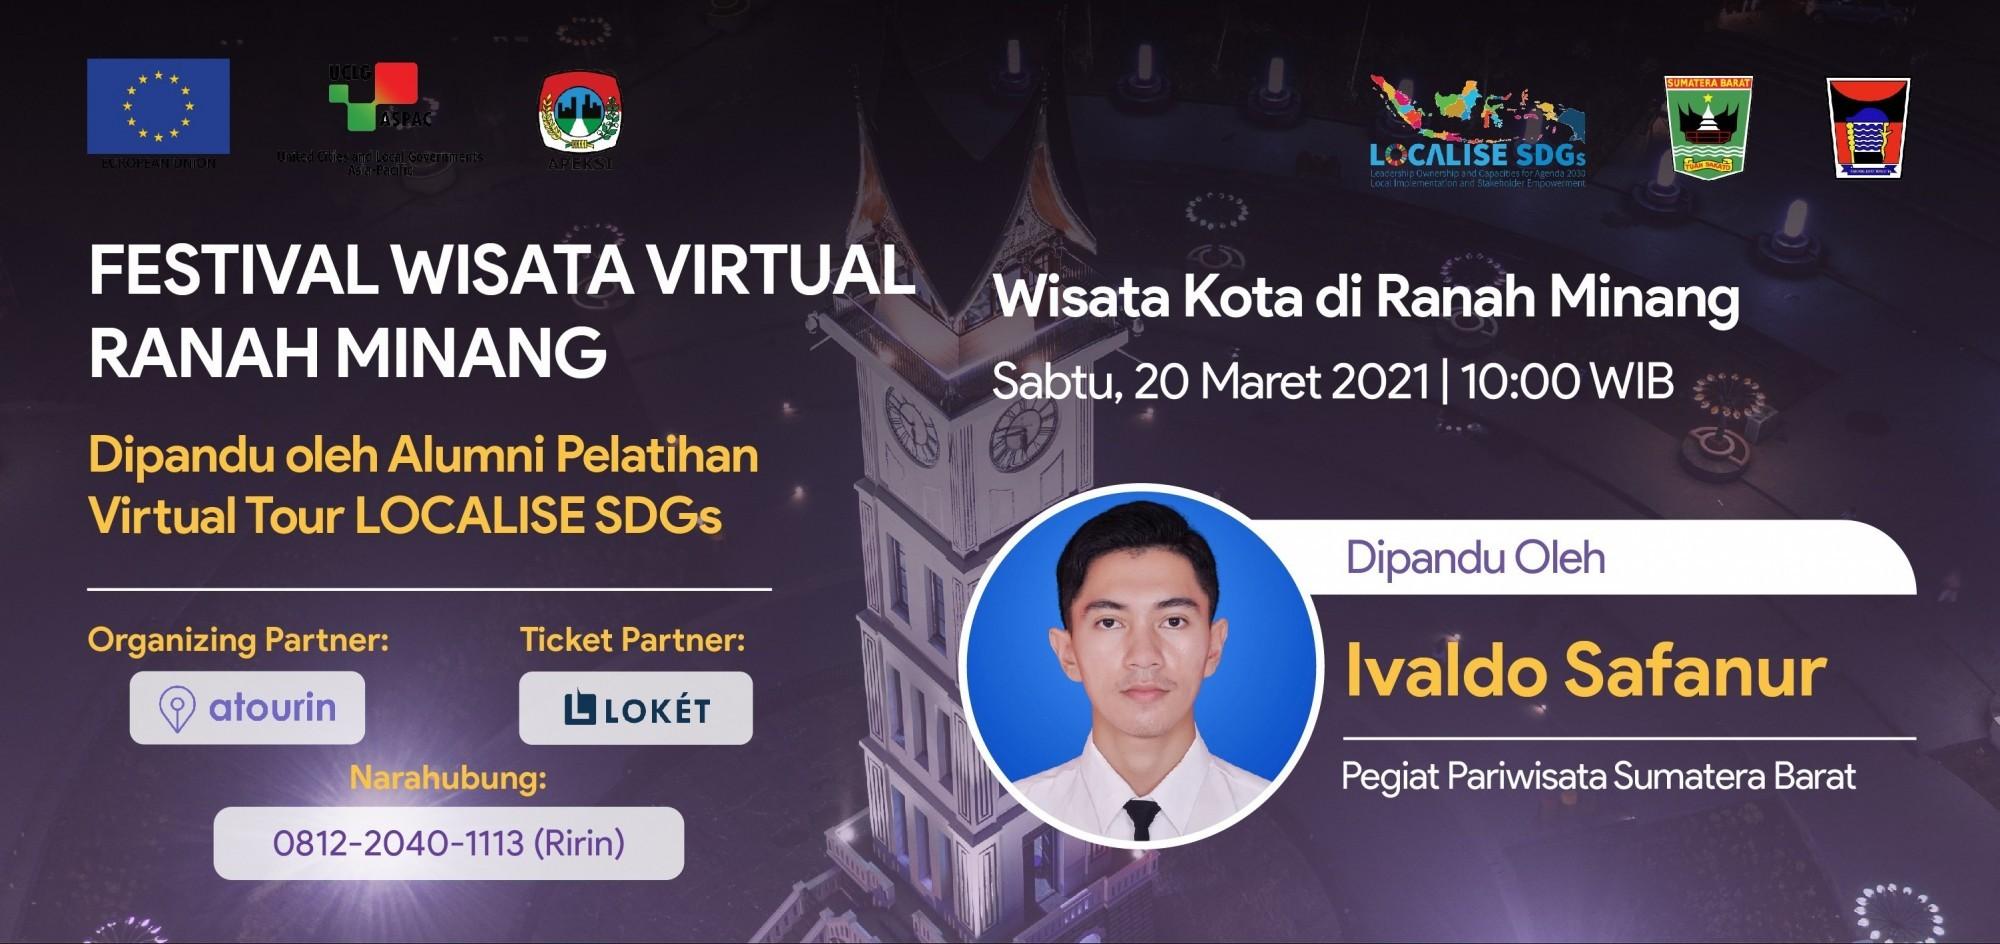 Wisata Kota di Ranah Minang - Festival Wisata Virtual Ranah Minang